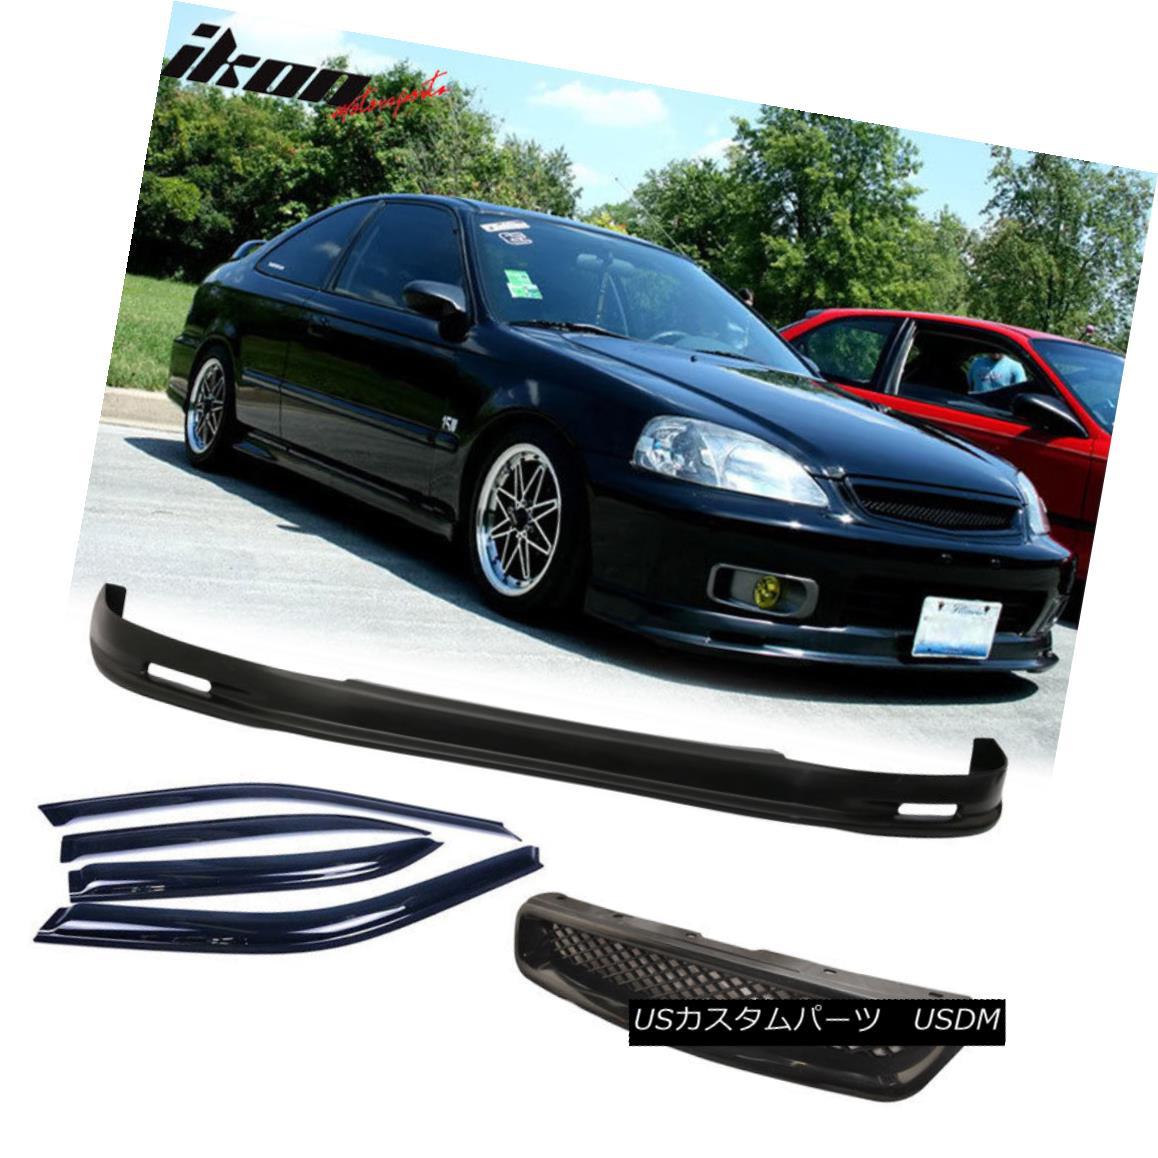 グリル Fits Civic 99-00 Mugen PP Front Bumper Lip + Front Grille + Sun Window Visor フィットシビック99-00ムゲンPPフロントバンパーリップ+フロントグリル+サンウィンドウバイザー